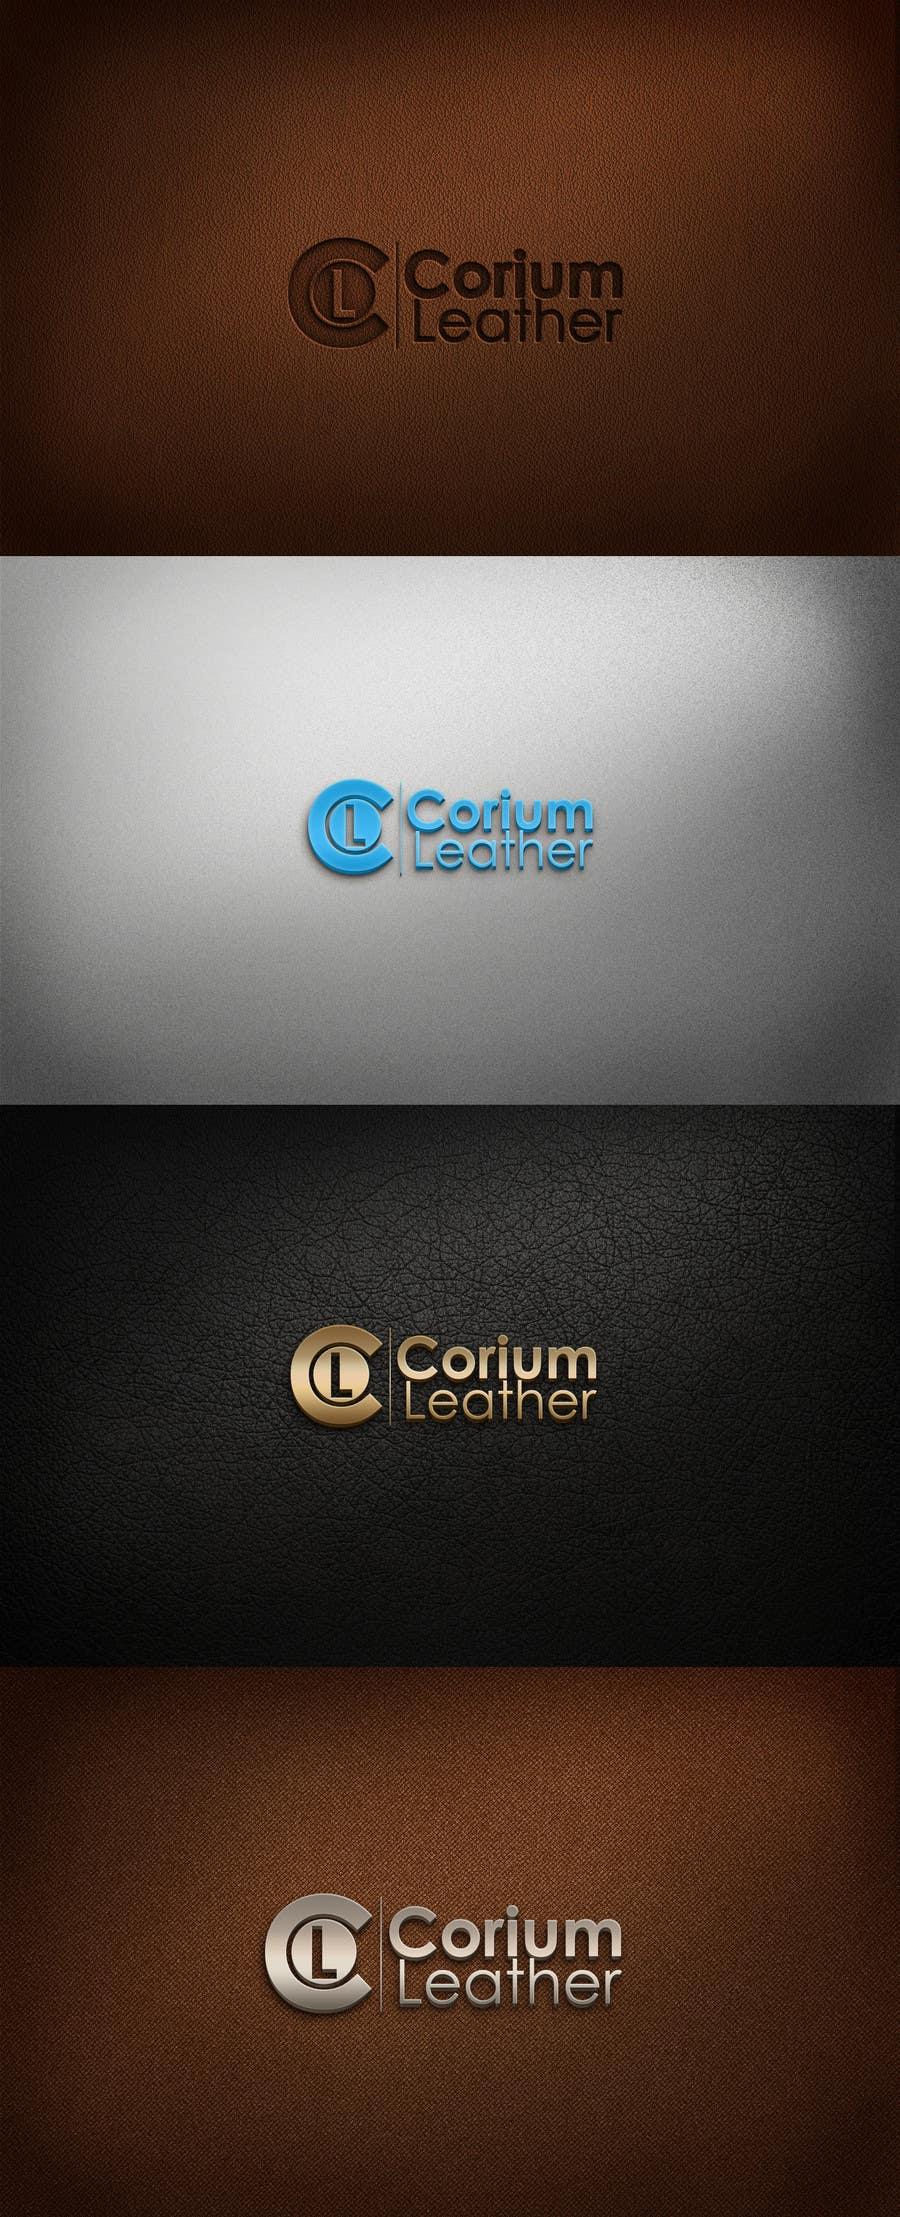 Penyertaan Peraduan #                                        69                                      untuk                                         Design a Logo for Corium Leather